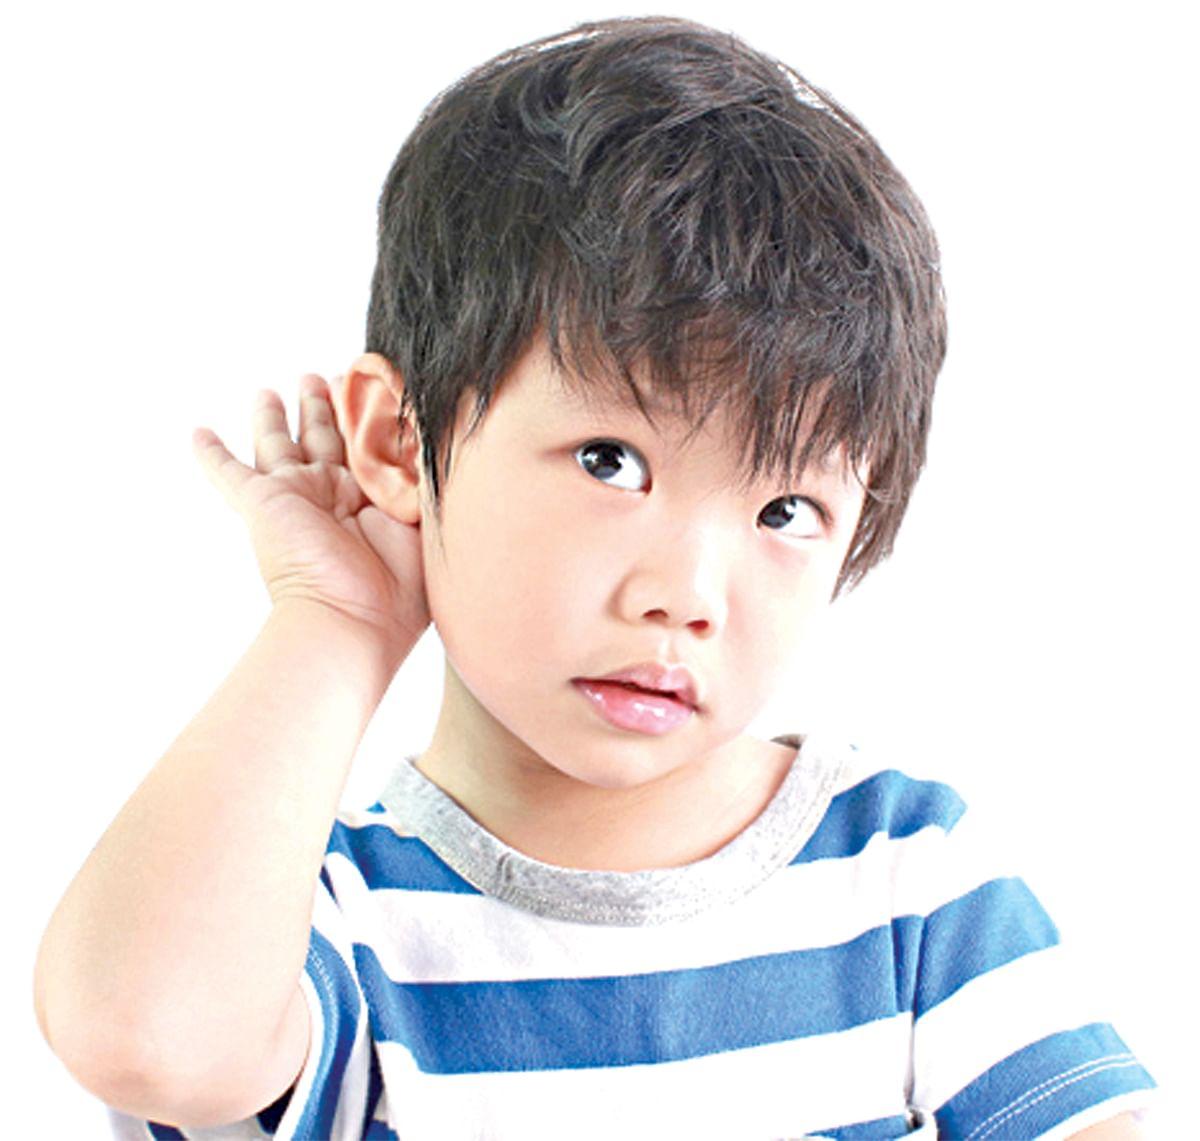 आरोग्यदूत : कर्णबधिर बालक